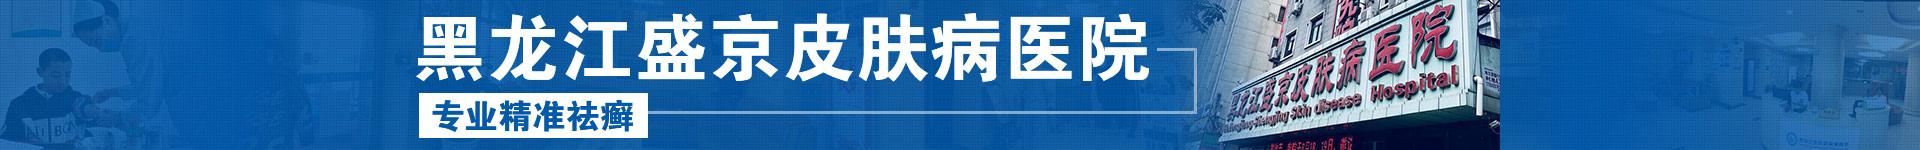 黑龙江牛皮癣医院